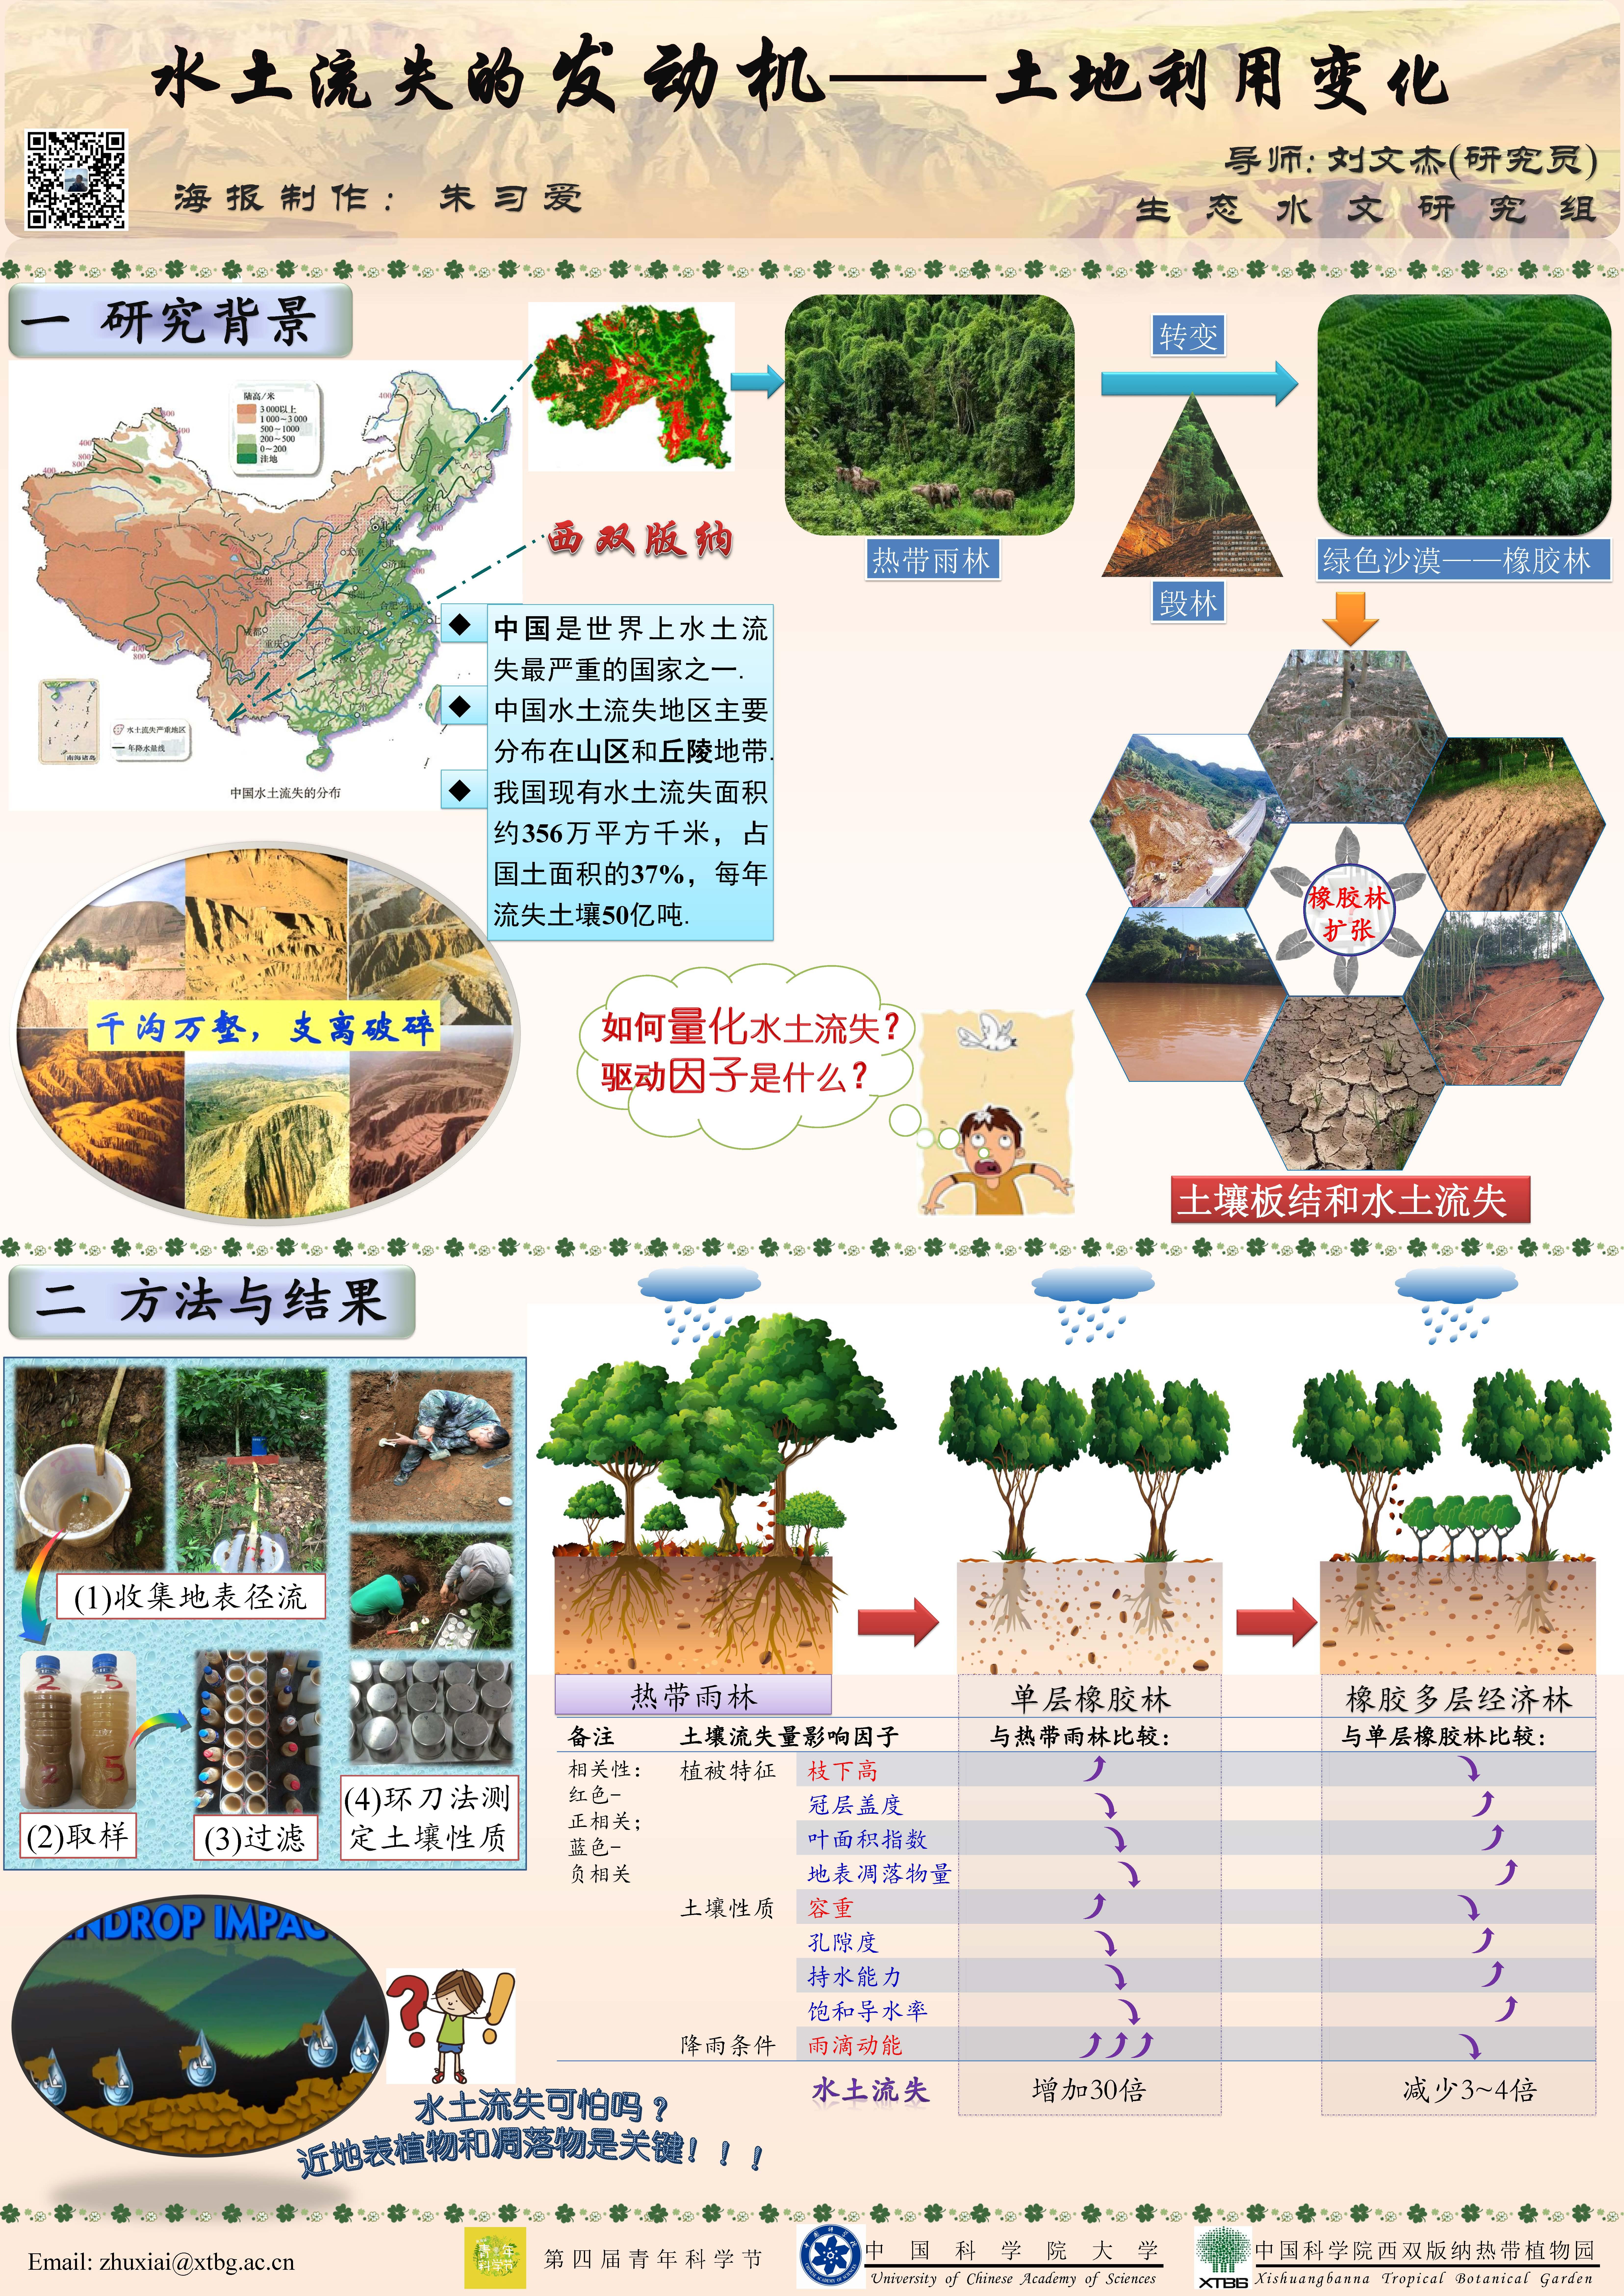 水土流失的发动机-土地利用变化(作者:朱习爱)